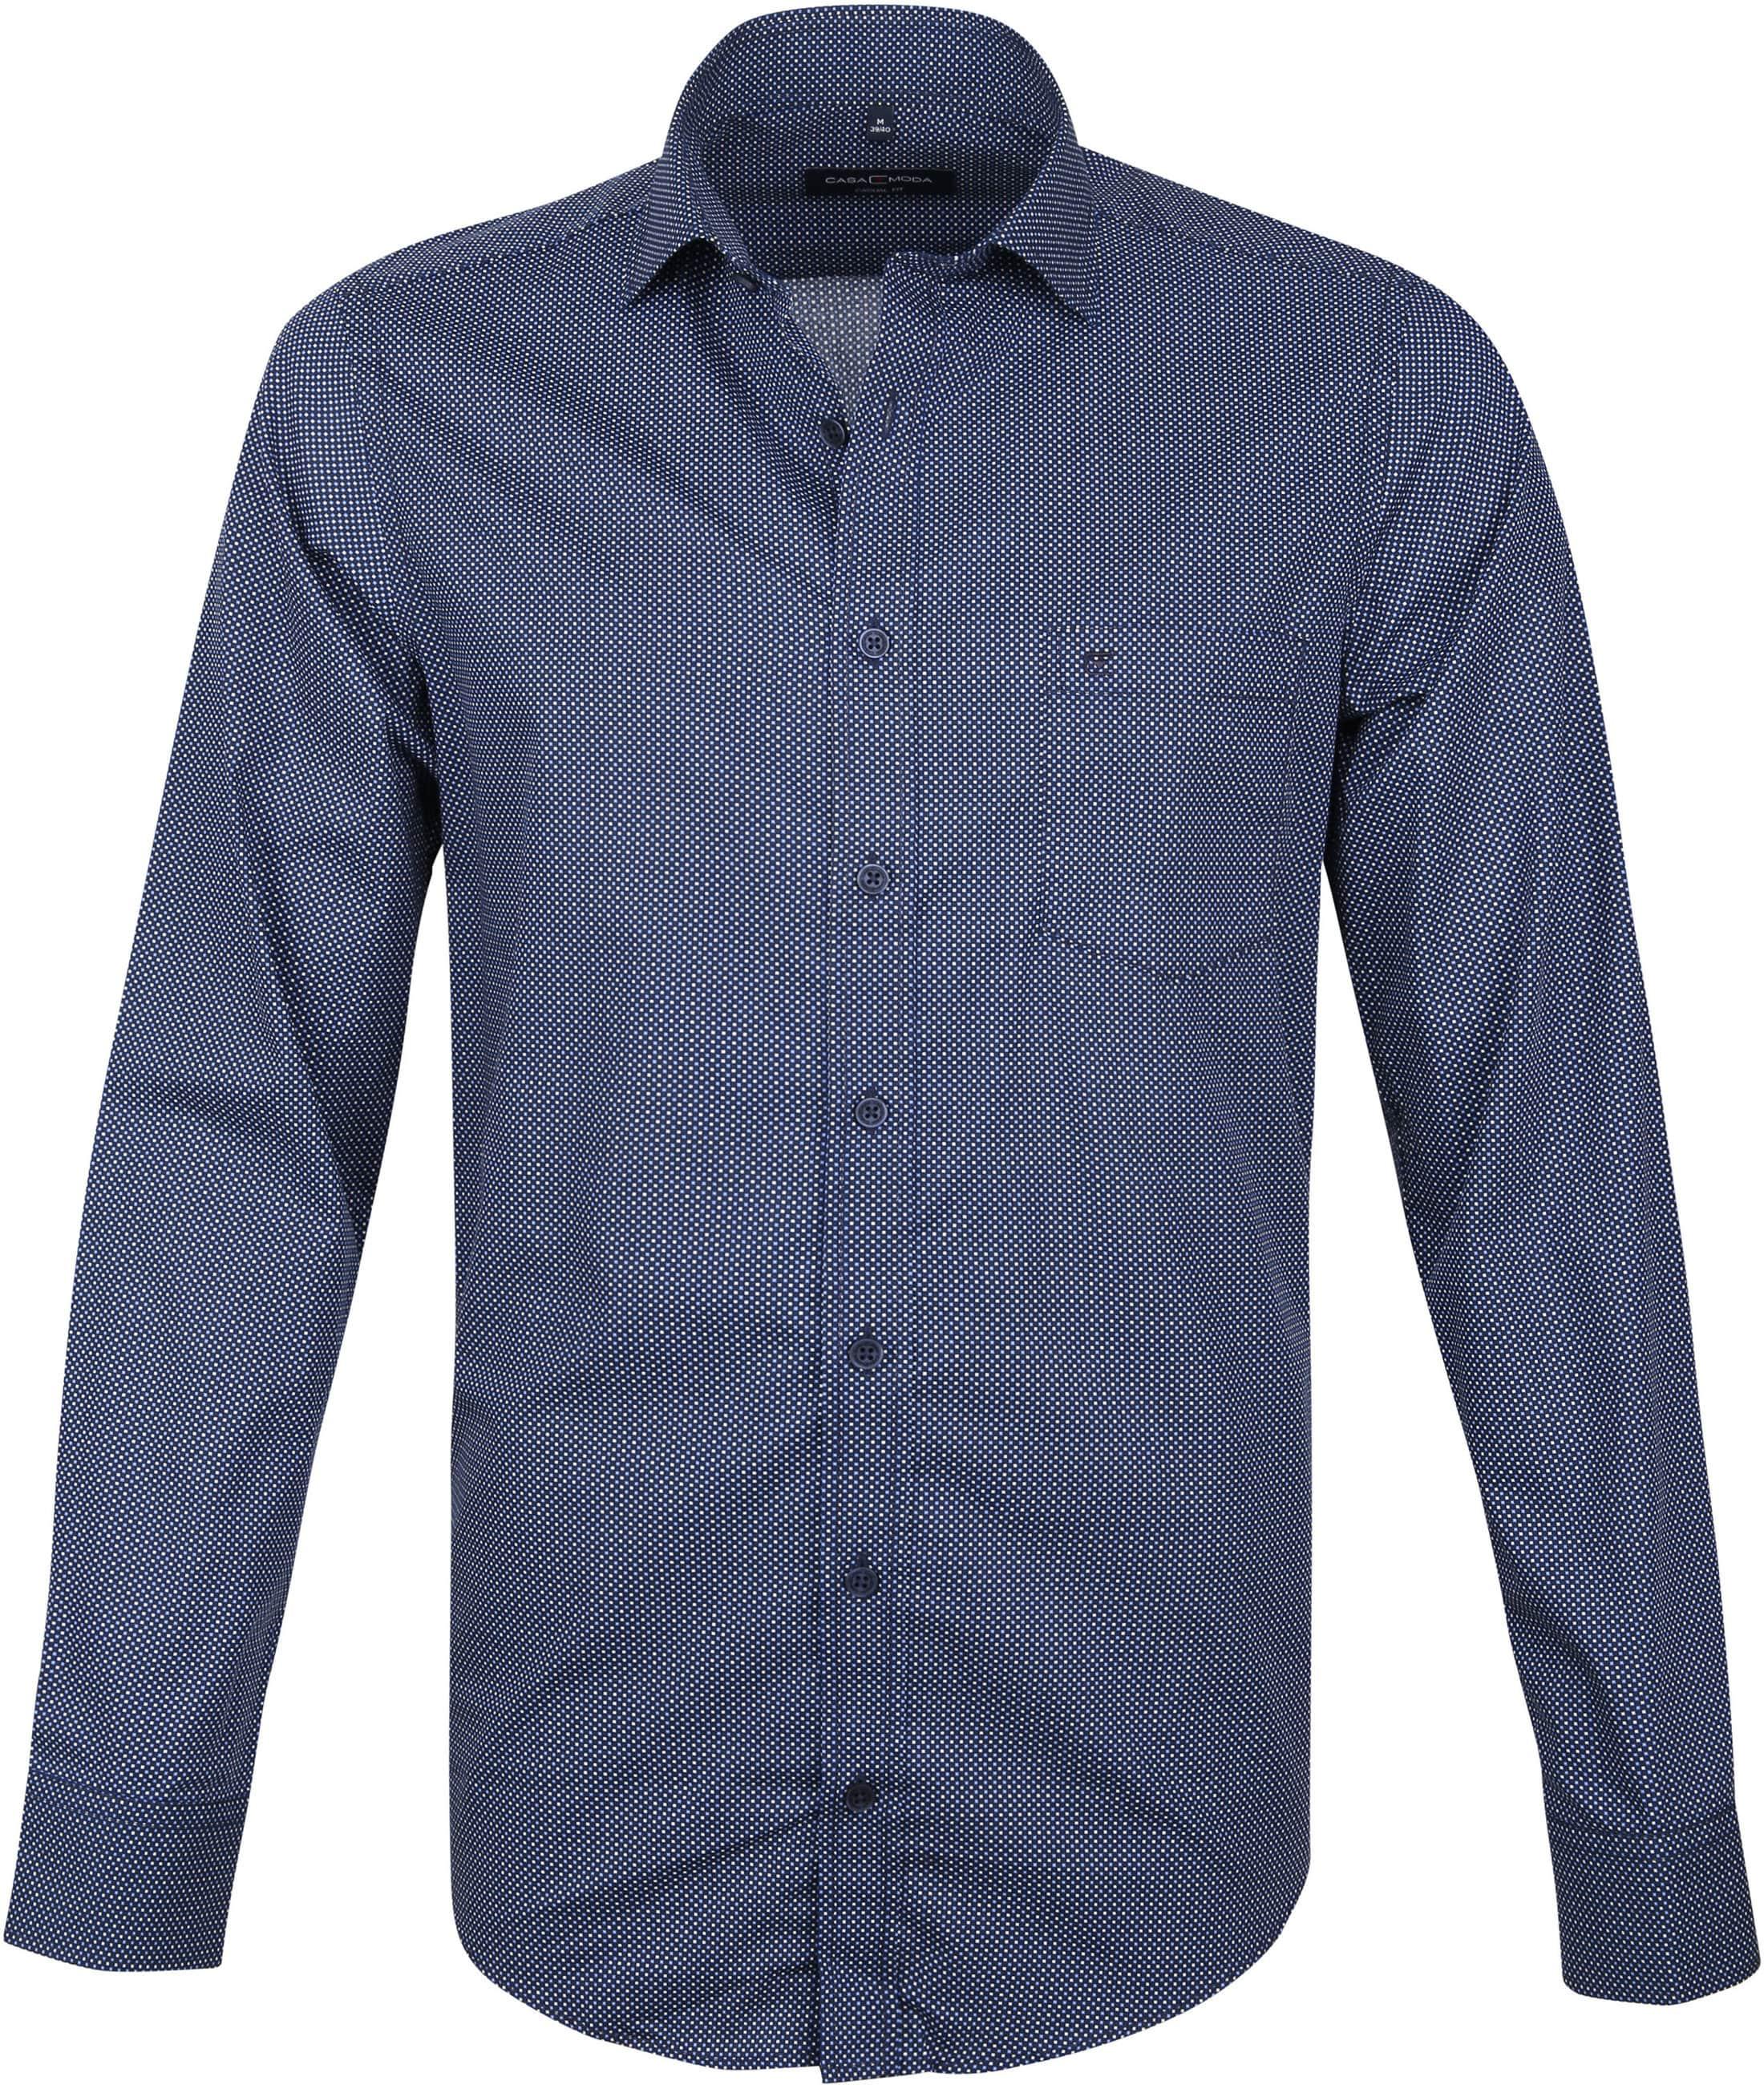 Casa Moda Overhemd Navy Vierkanten foto 0